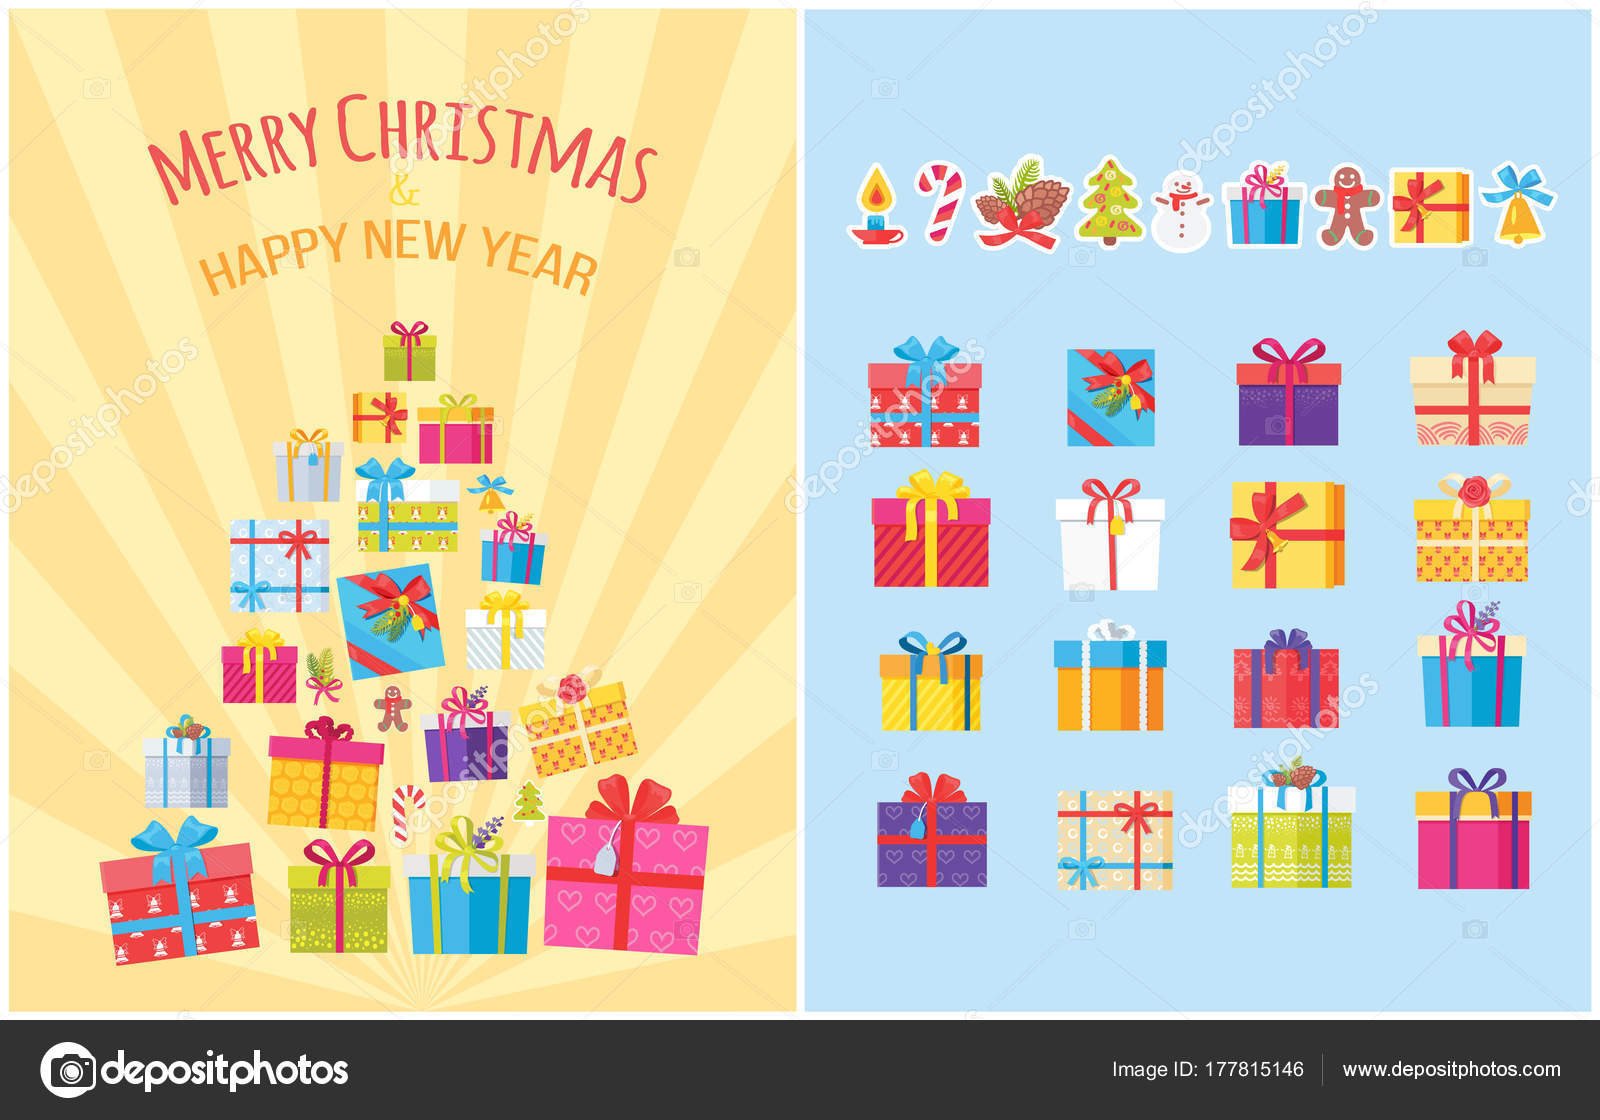 72f3c697abe4d Cartel de feliz Navidad con regalo cajas de símbolos — Archivo ...